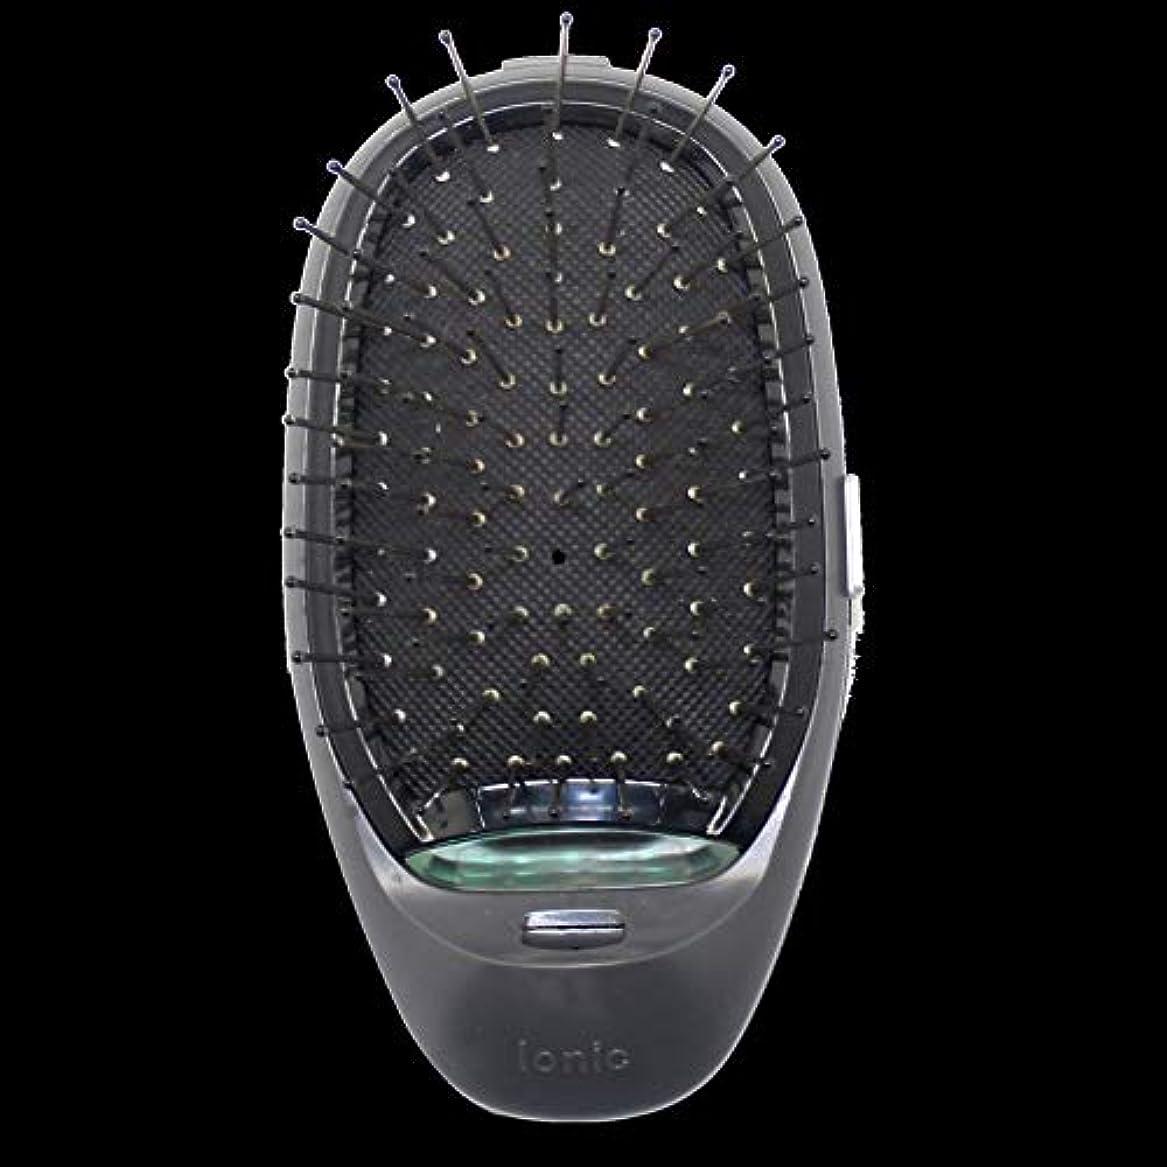 クロニクル王子法令電動マッサージヘアブラシミニマイナスイオンヘアコム3Dインフレータブルコーム帯電防止ガールズヘアブラシ電池式 - ブラック